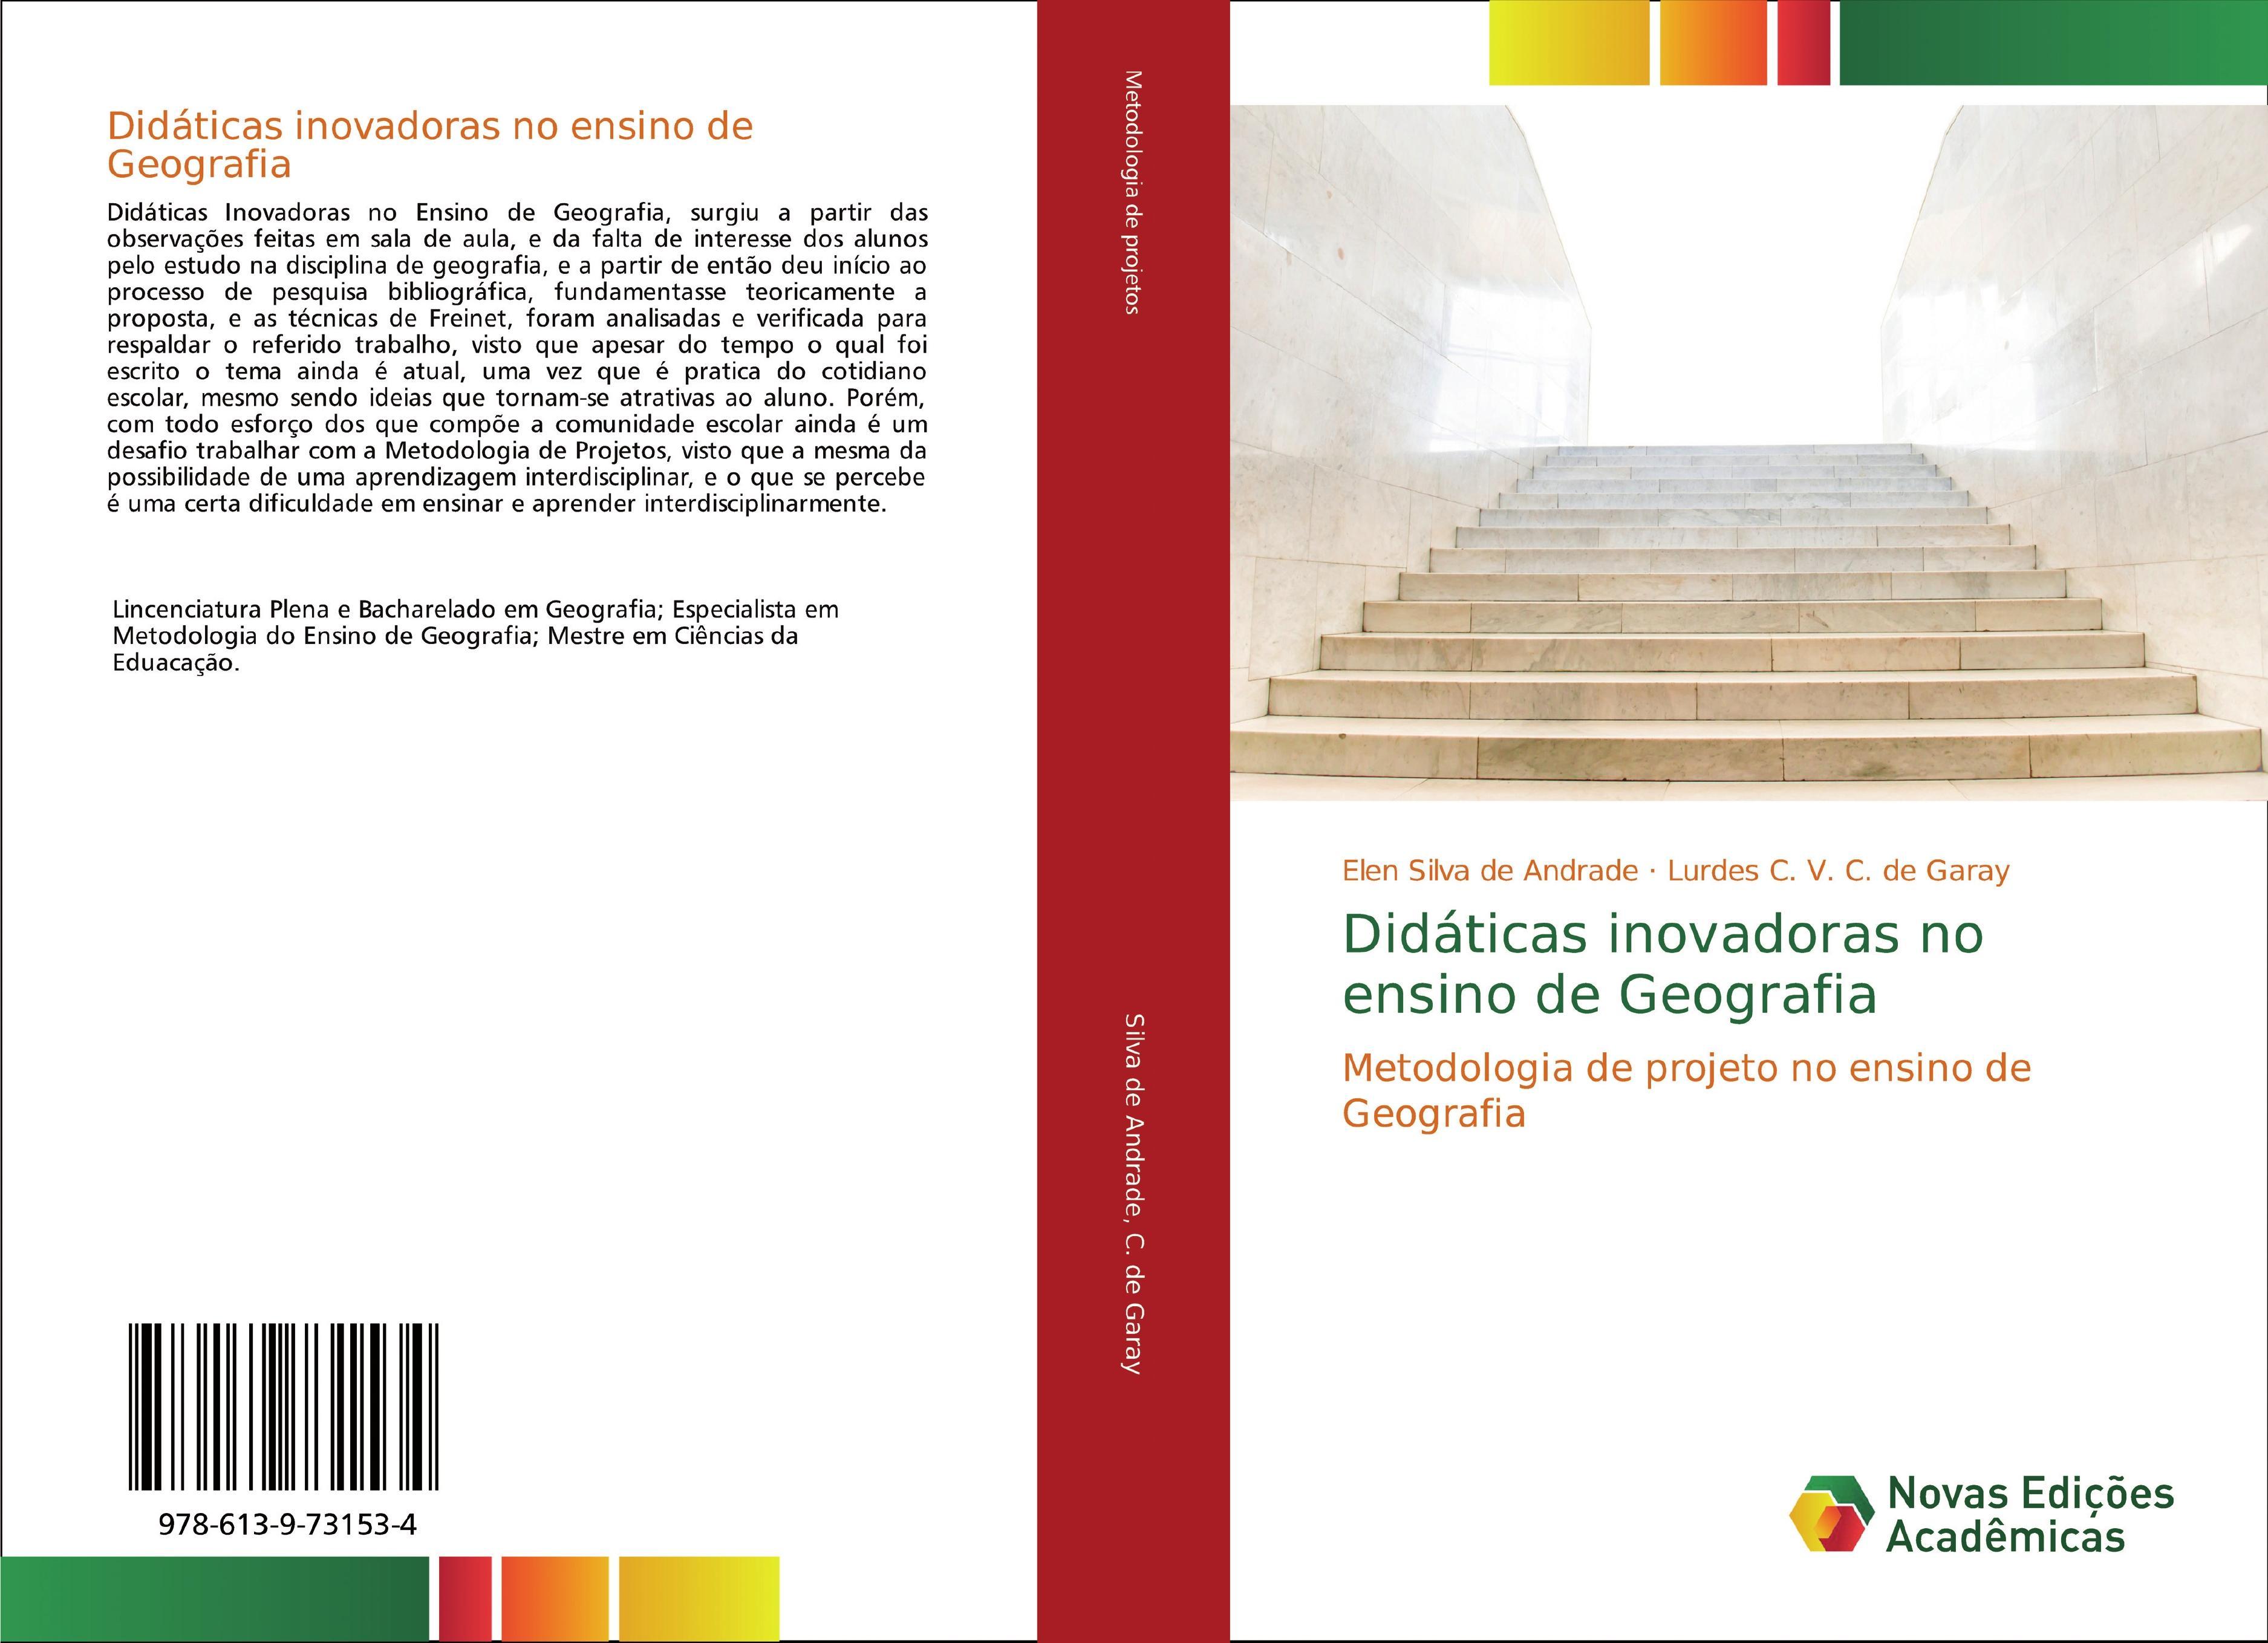 Didáticas inovadoras no ensino de Geografia  Elen Silva de Andrade (u. a.)  Taschenbuch  Portugiesisch  2018 - Silva de Andrade, Elen